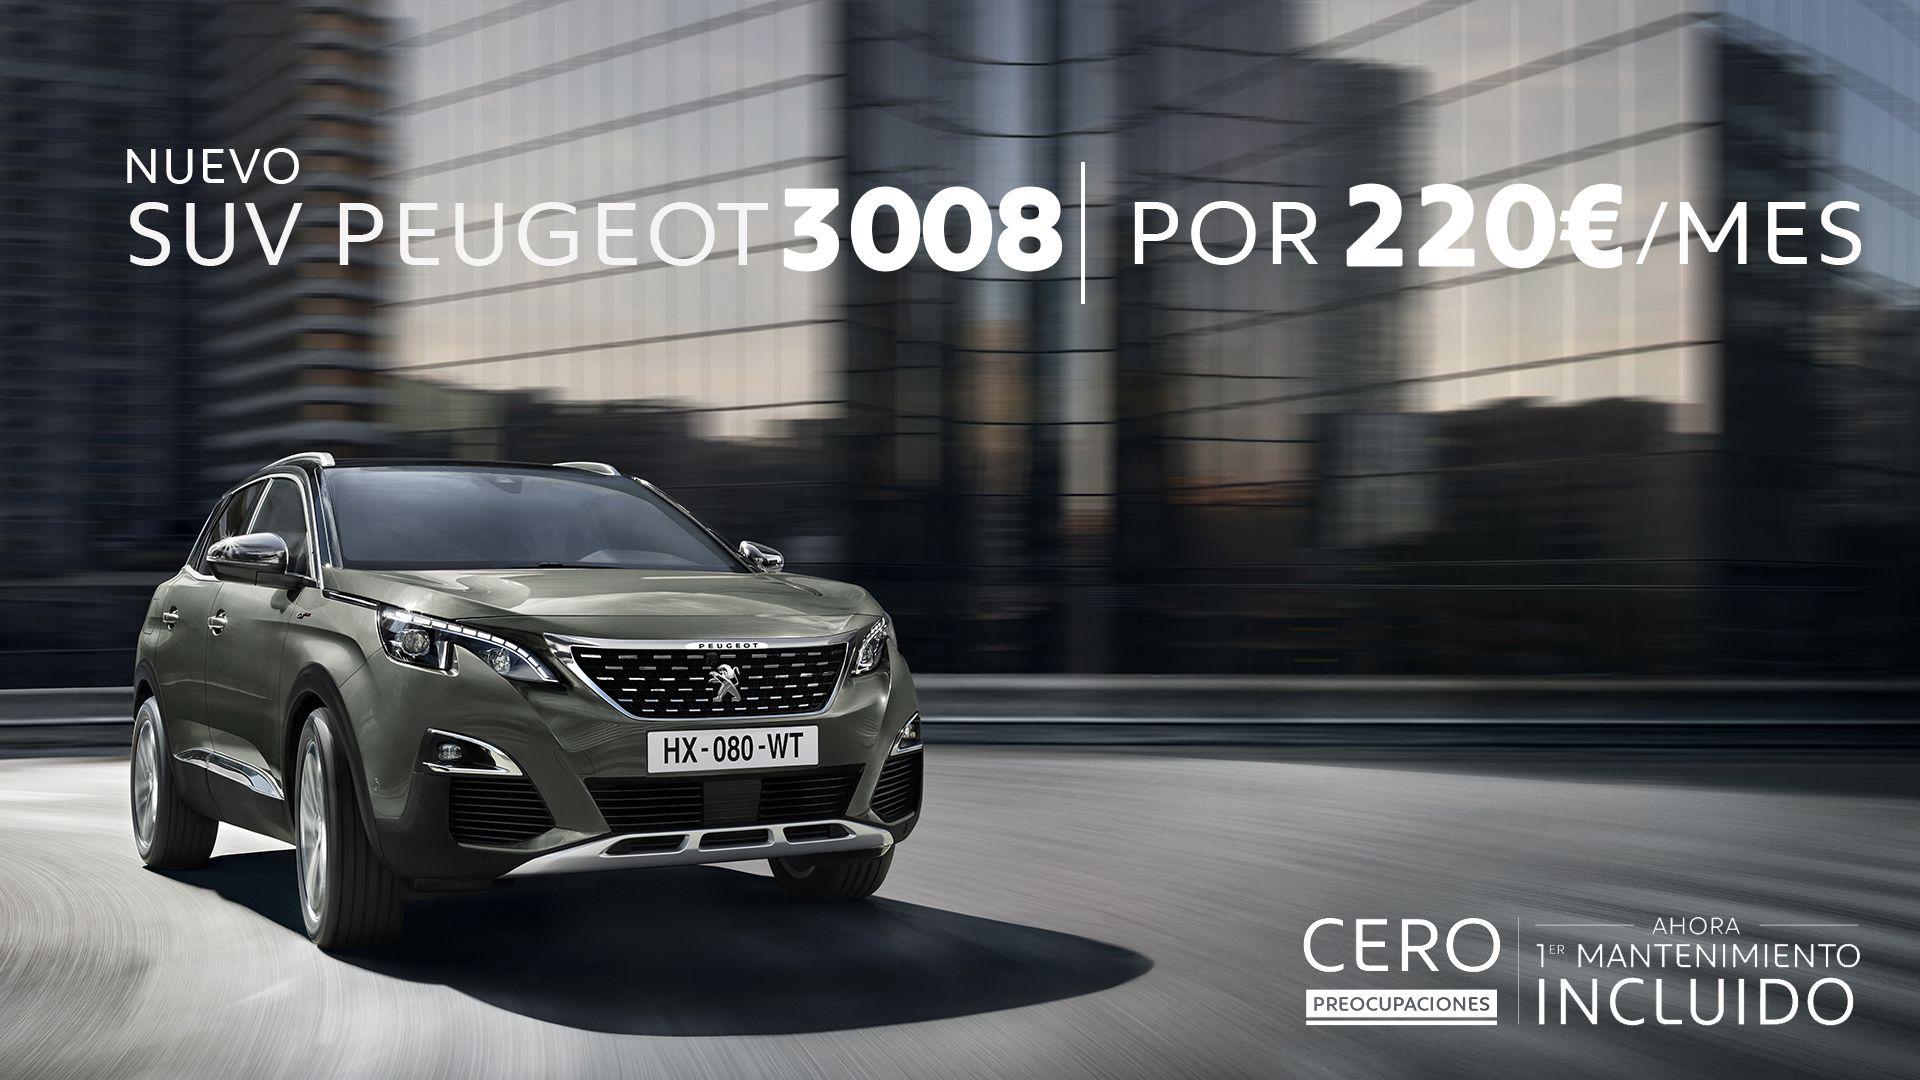 En Septiembre, conduce un Peugeot 3008 por 220€/mes y te regalamos el primer mantenimiento